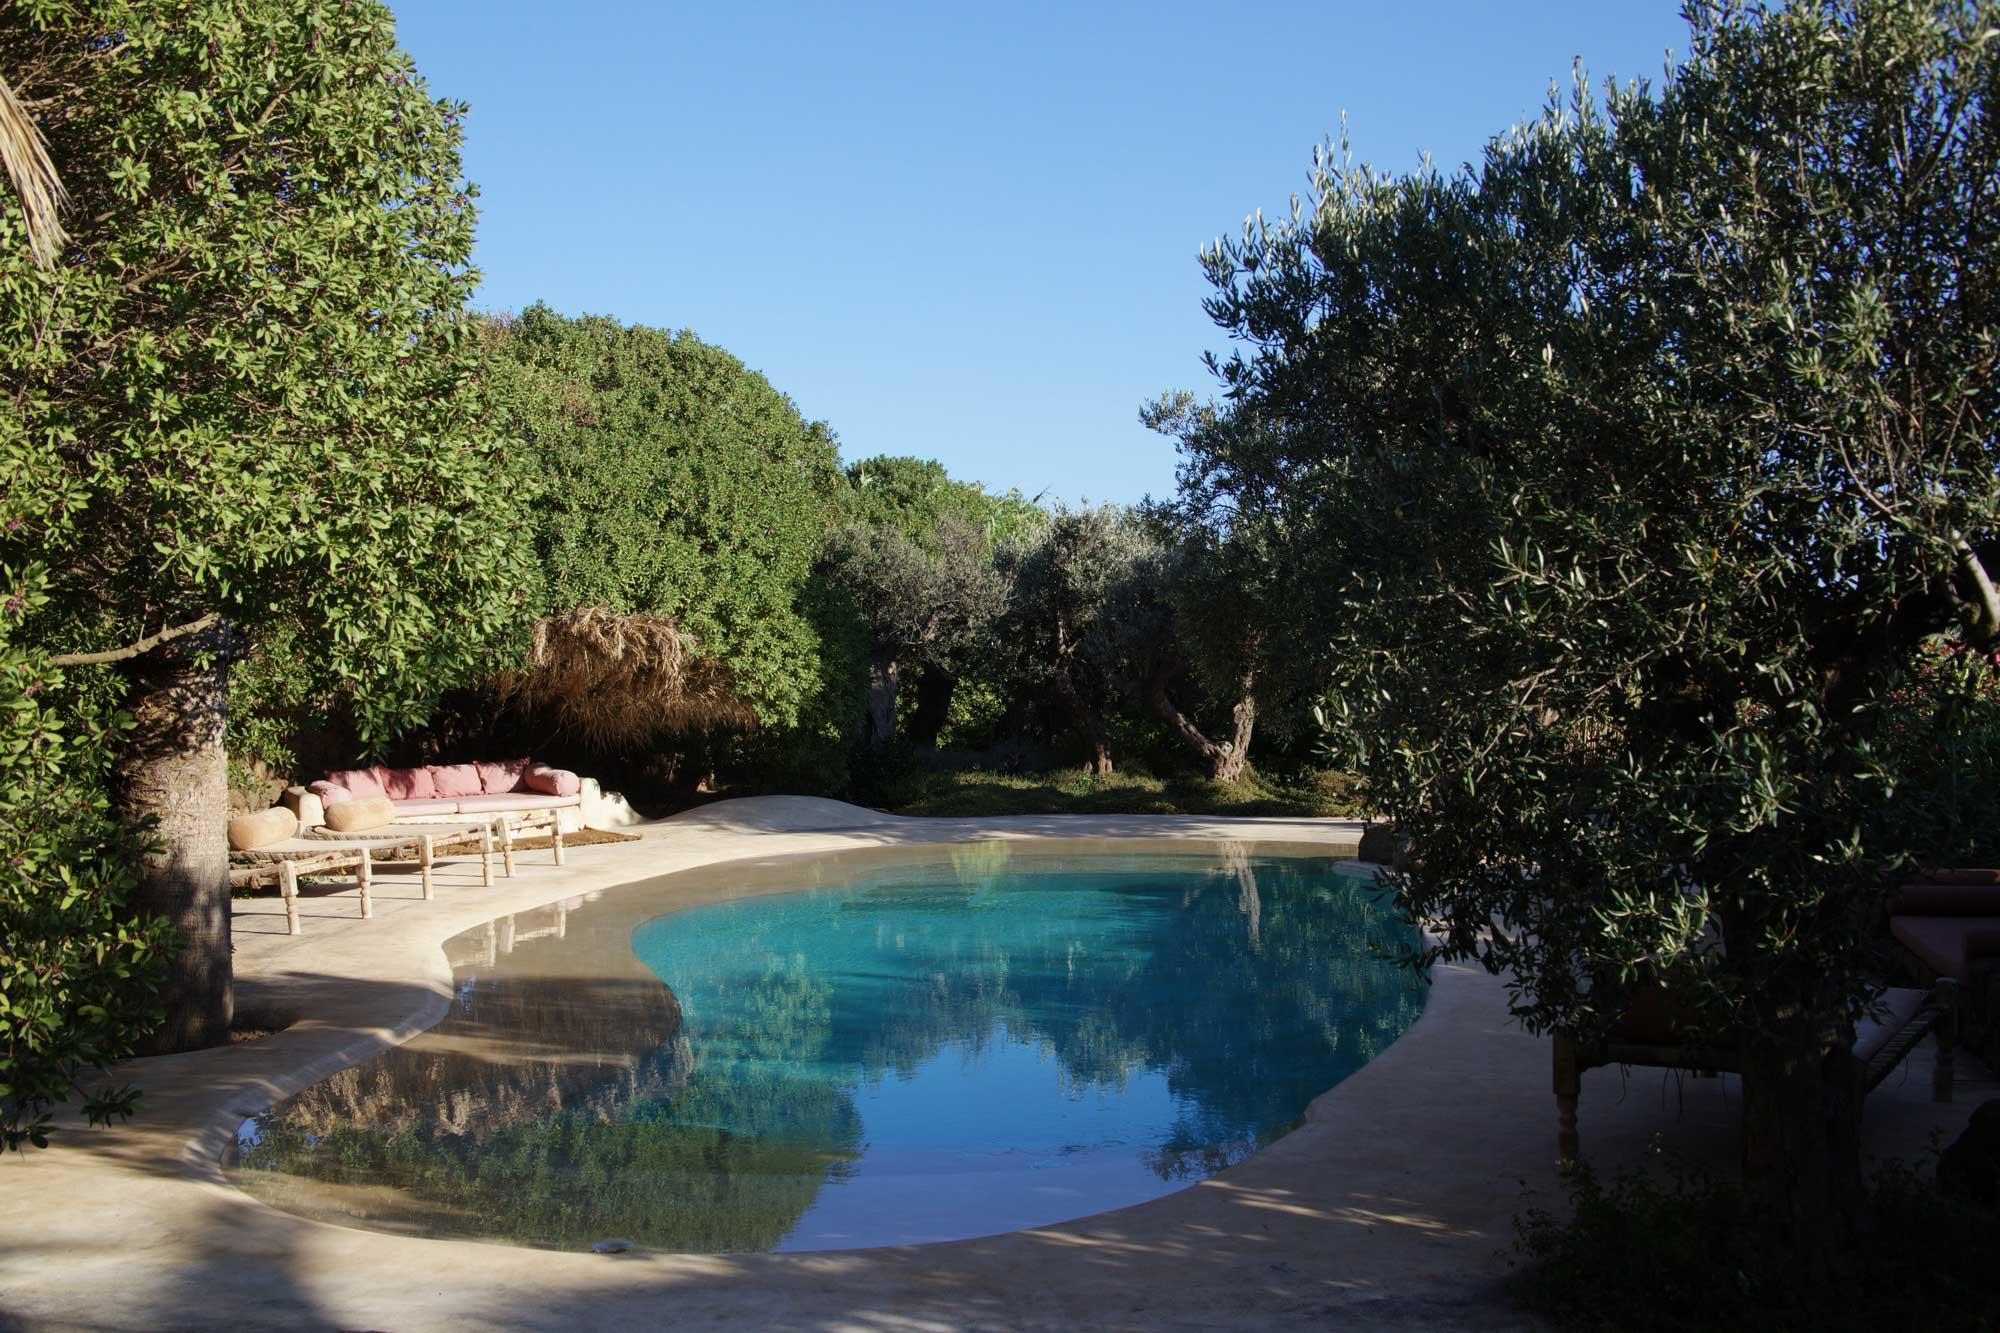 Dammuso-Mio-Real-Estate-Pantelleria-Immobiliare-Affitto-32